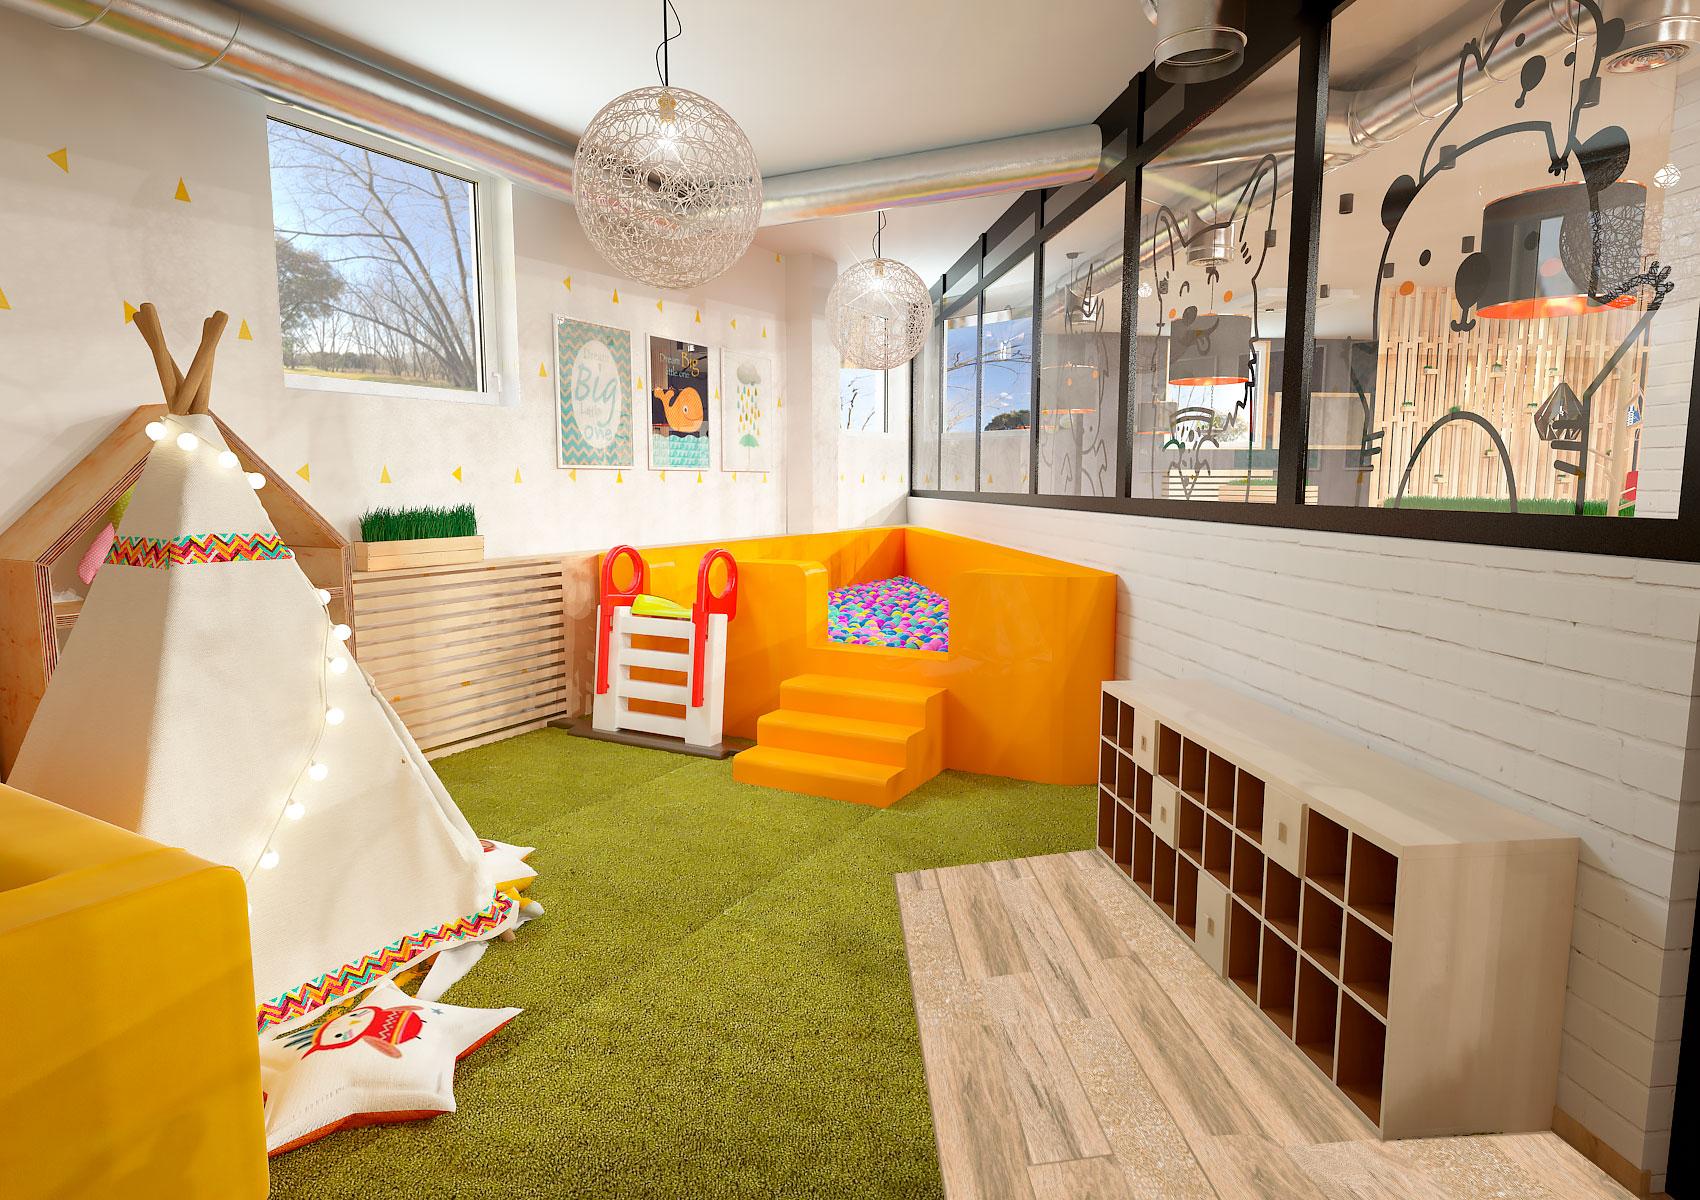 Детская комната в ресторане ПиццаФабрика